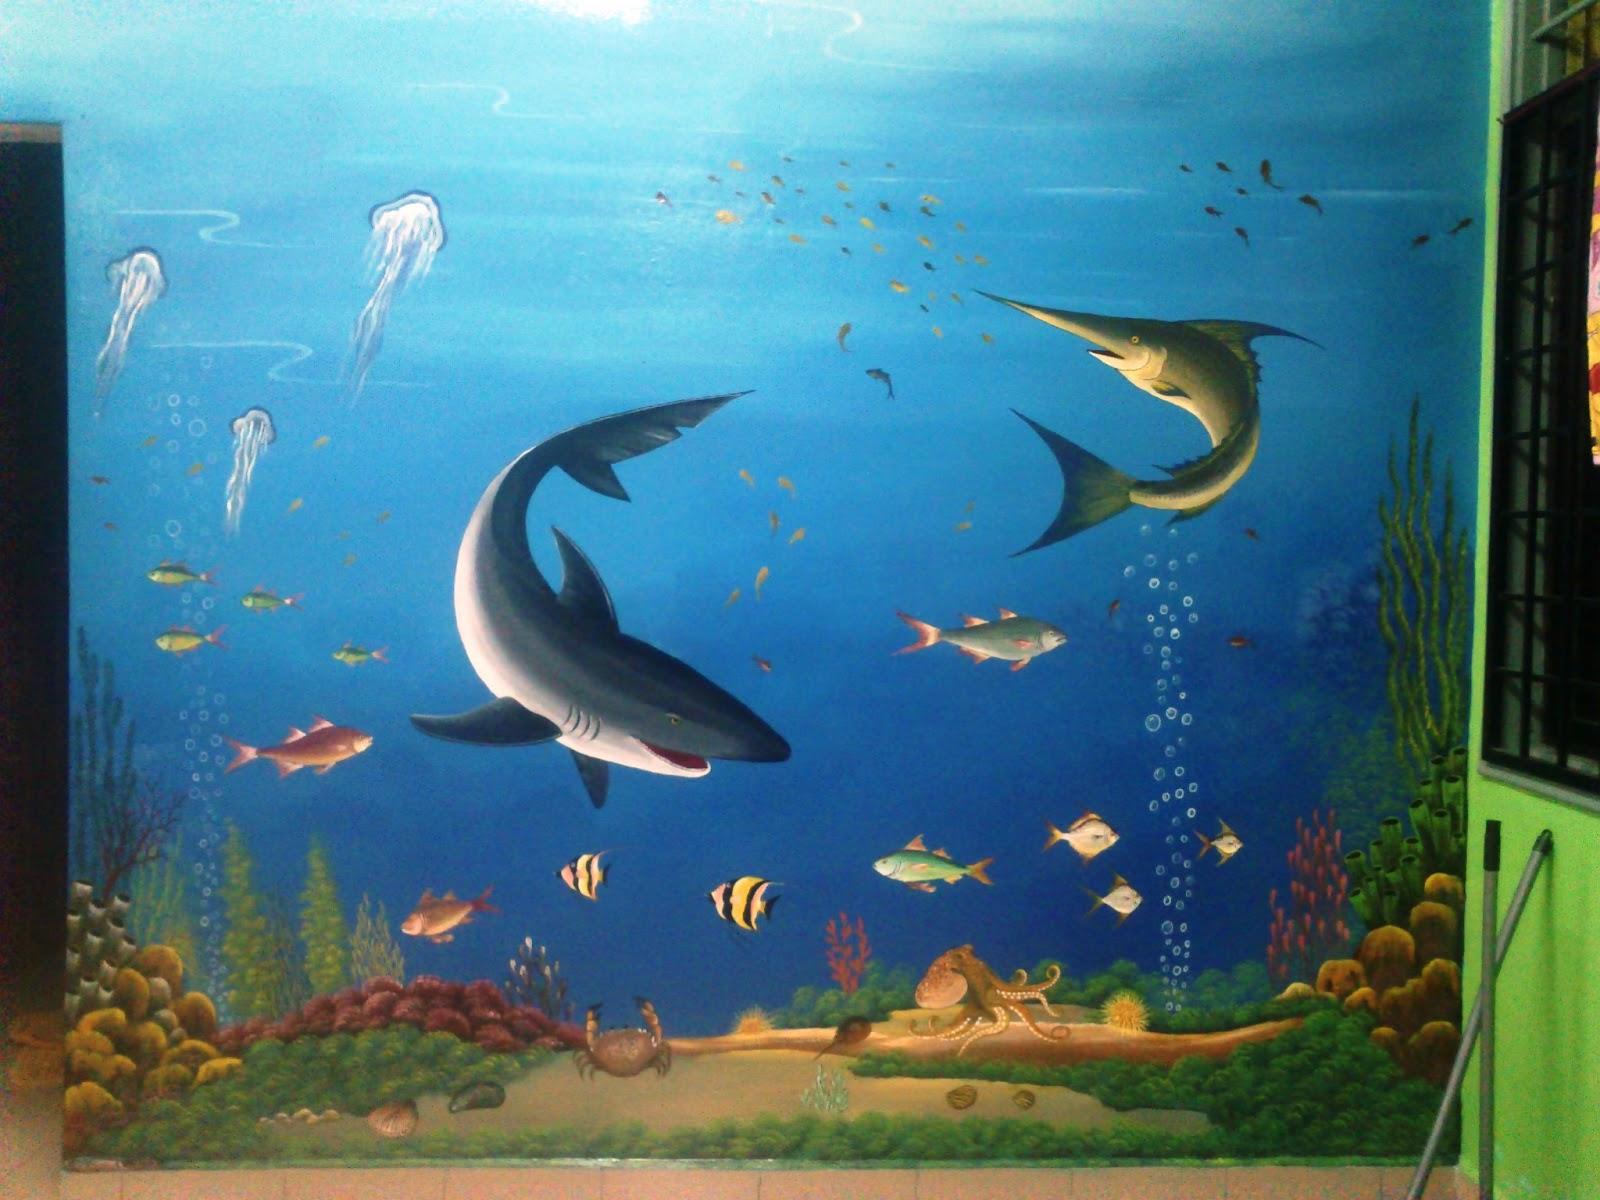 Mural art cetusan idea sample image mural marine life for Mural hidupan laut